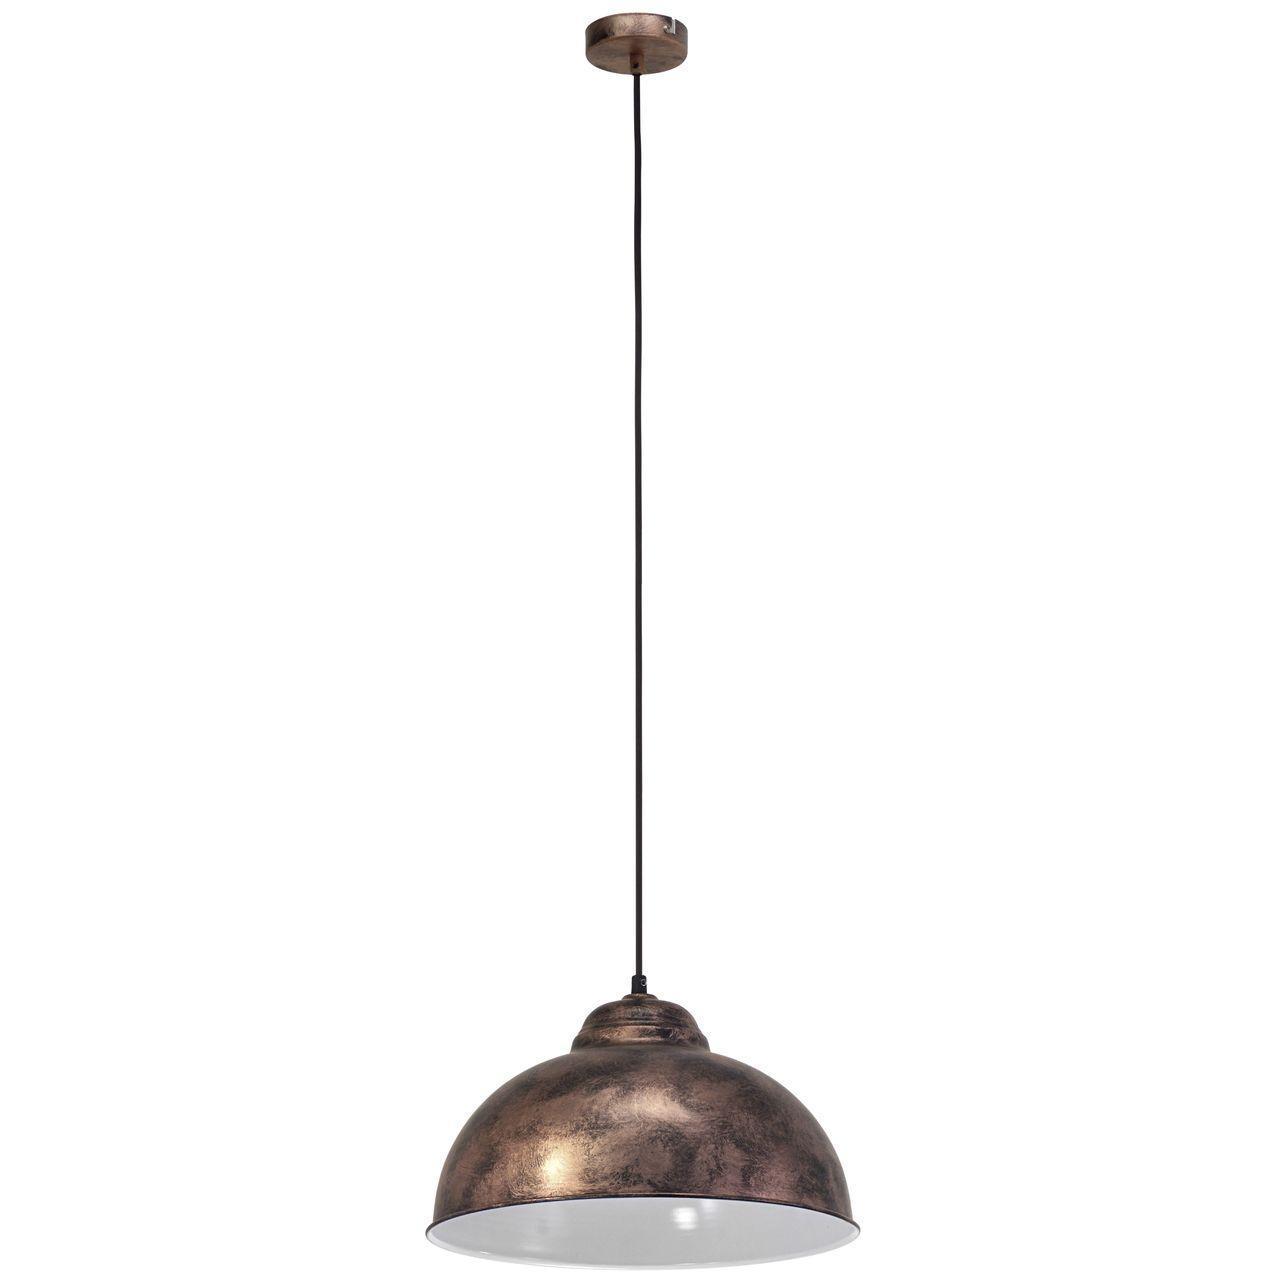 Подвесной светильник Eglo Vintage 49248 подвесной светильник eglo vintage 49214